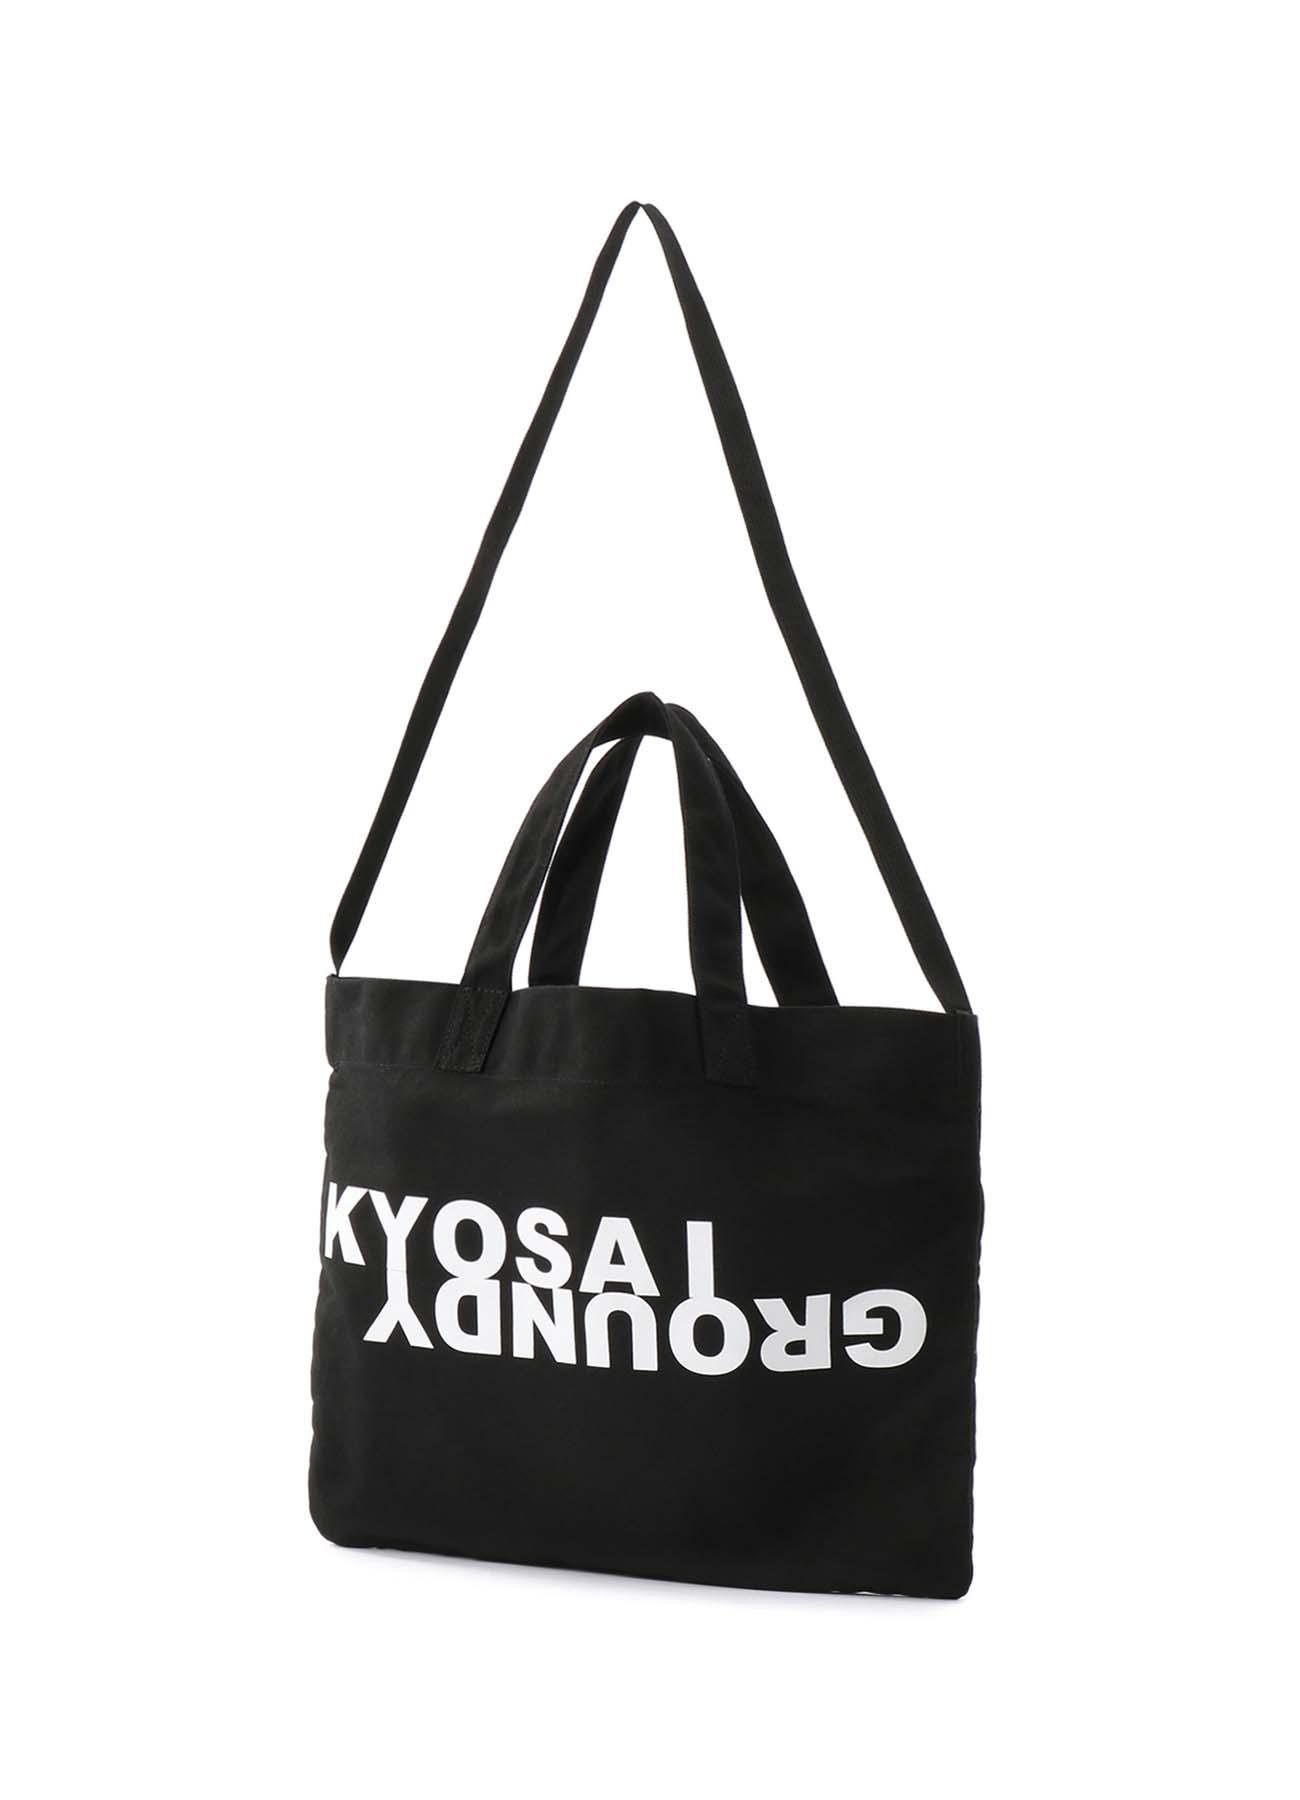 河鍋暁斎-かわなべ きょうさい- Collaboretion Tote Bag